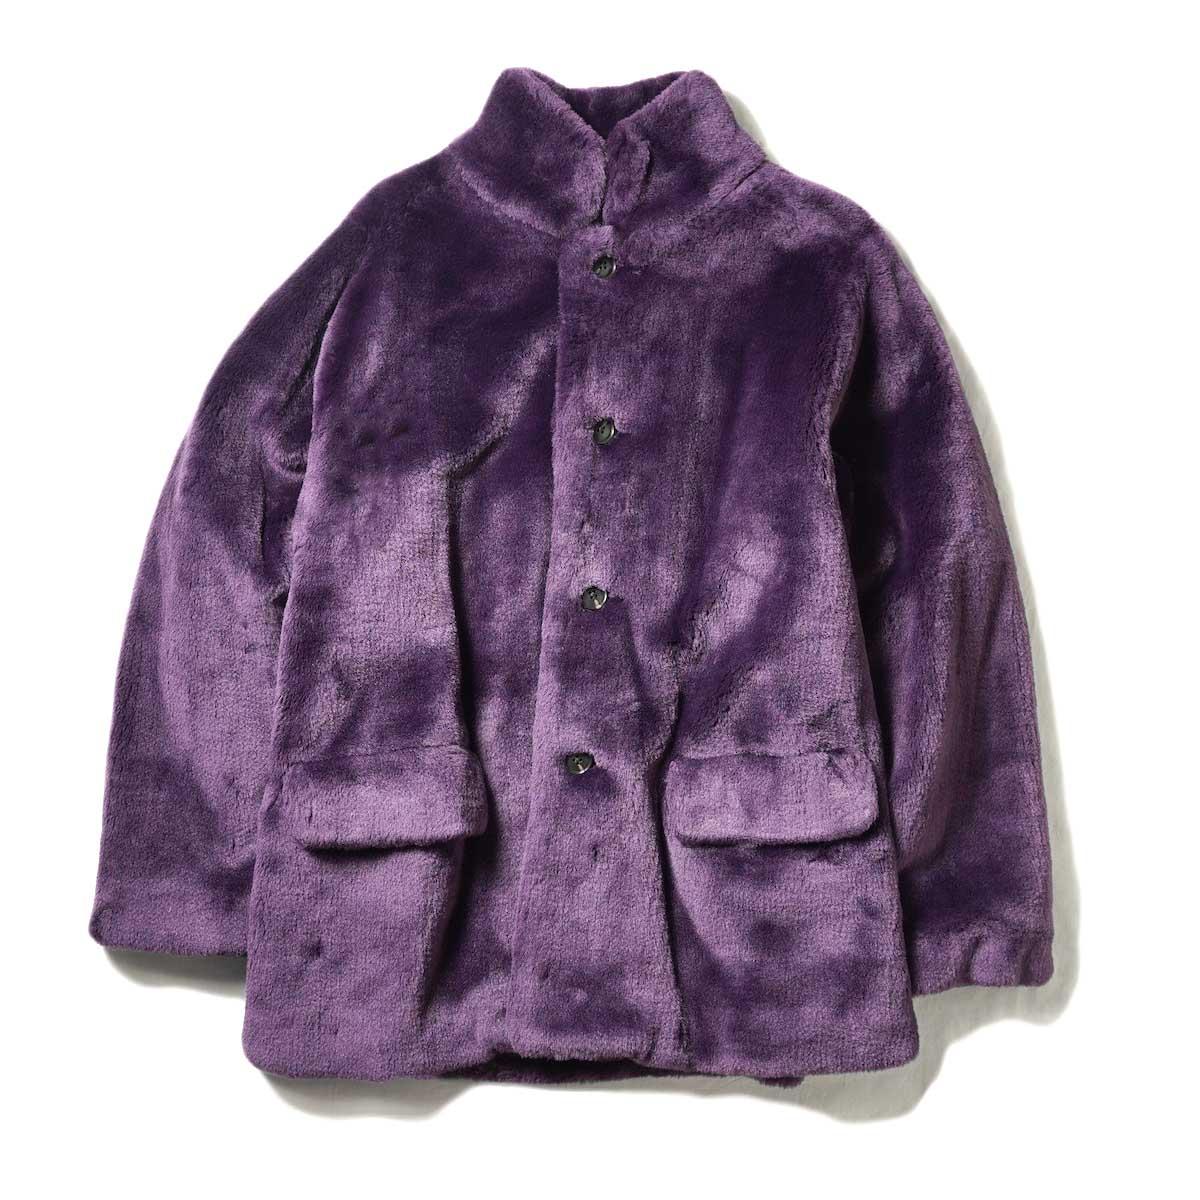 Needles / S.C. Car Coat - Faux Fur (Purple)